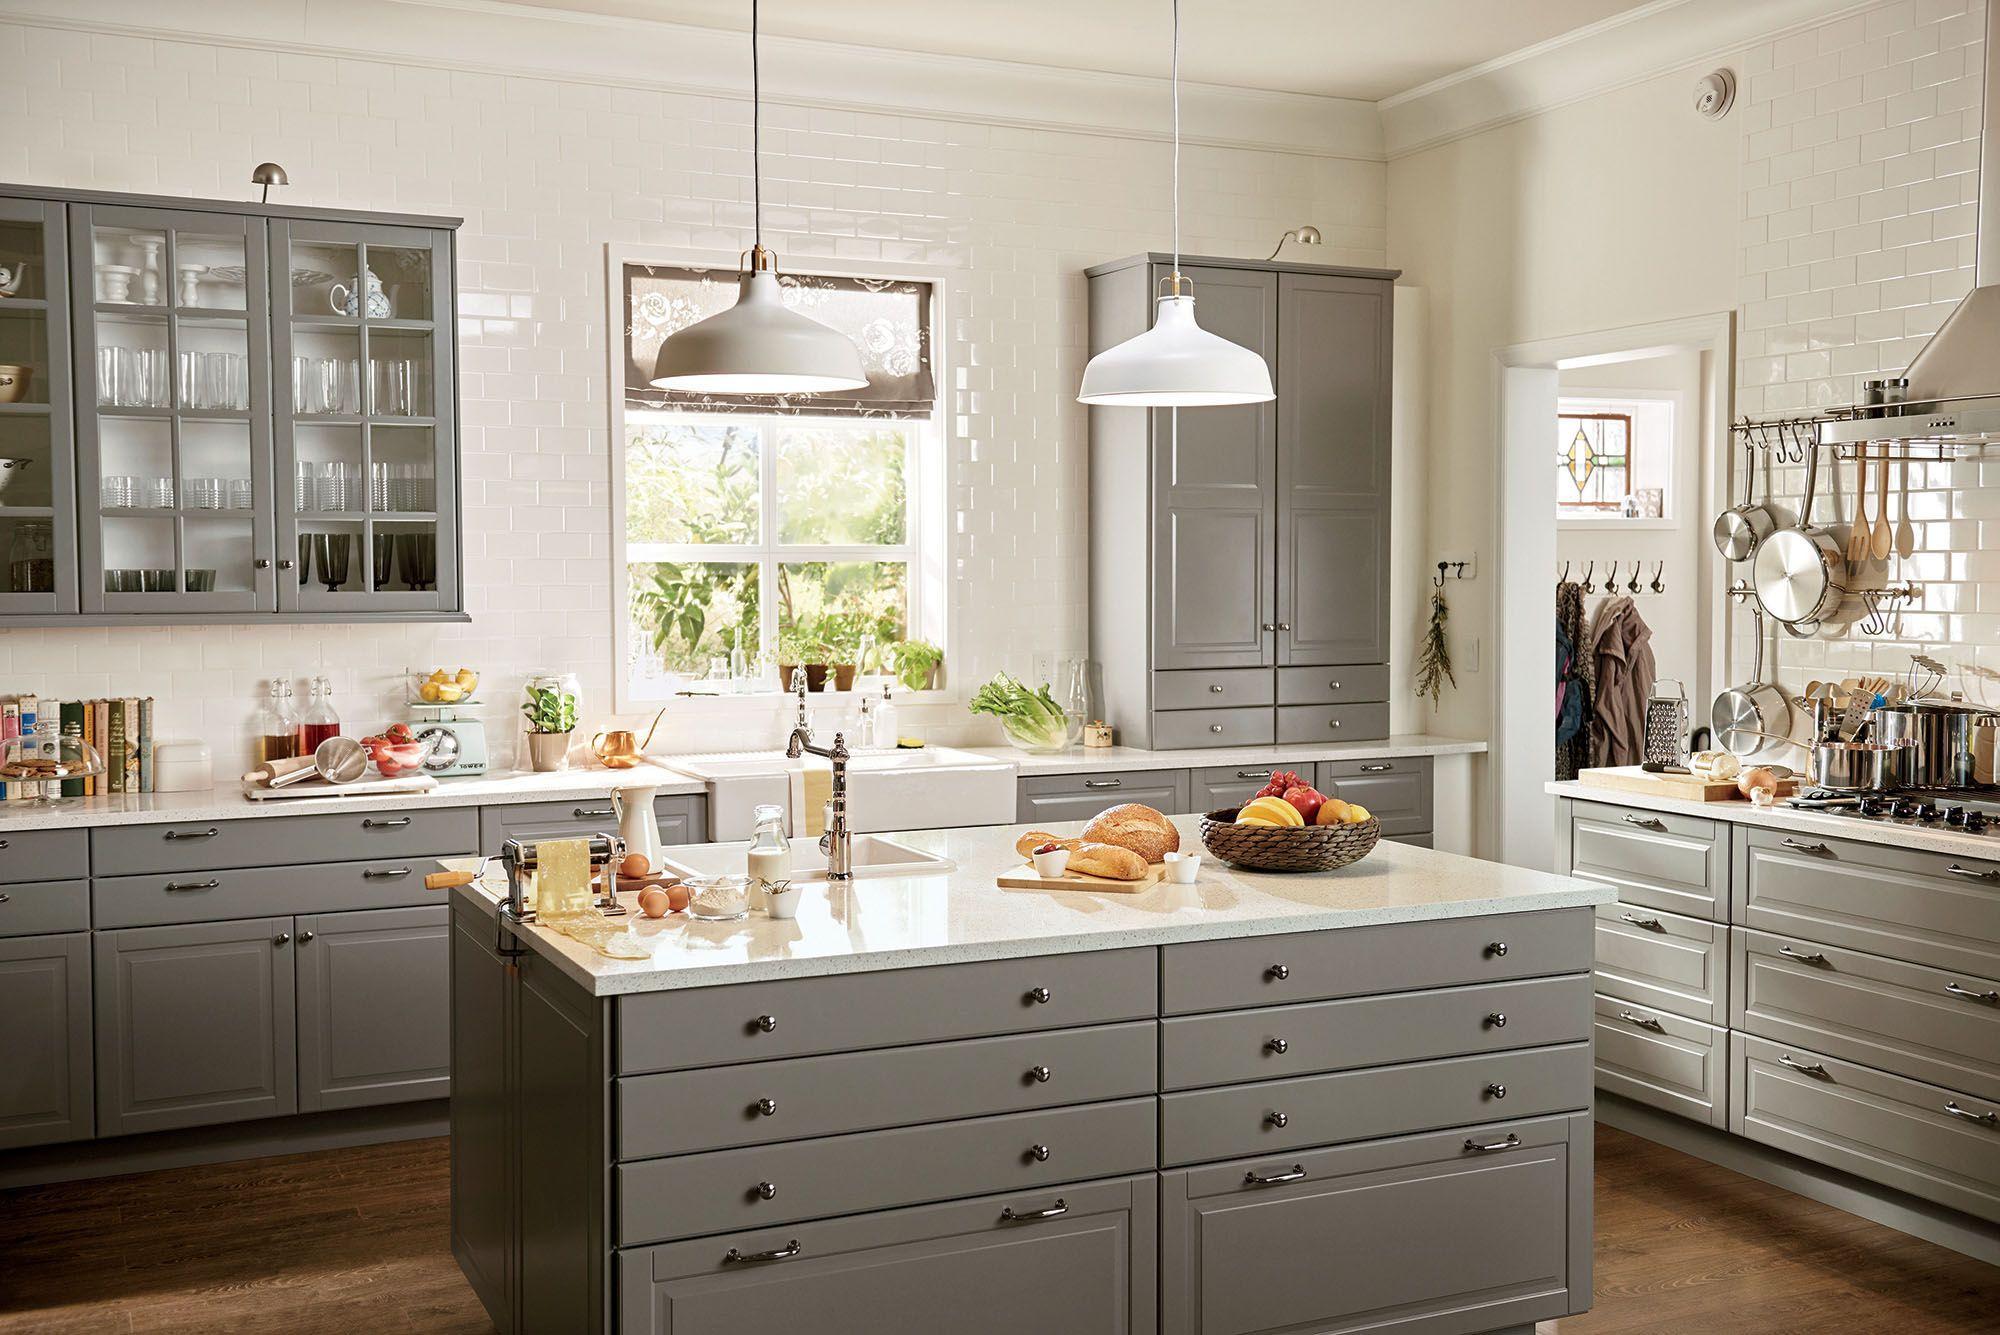 Esszimmer setzt traditionellen stil new ikea sektion kitchen brokhult walnut effect cnw group ikea